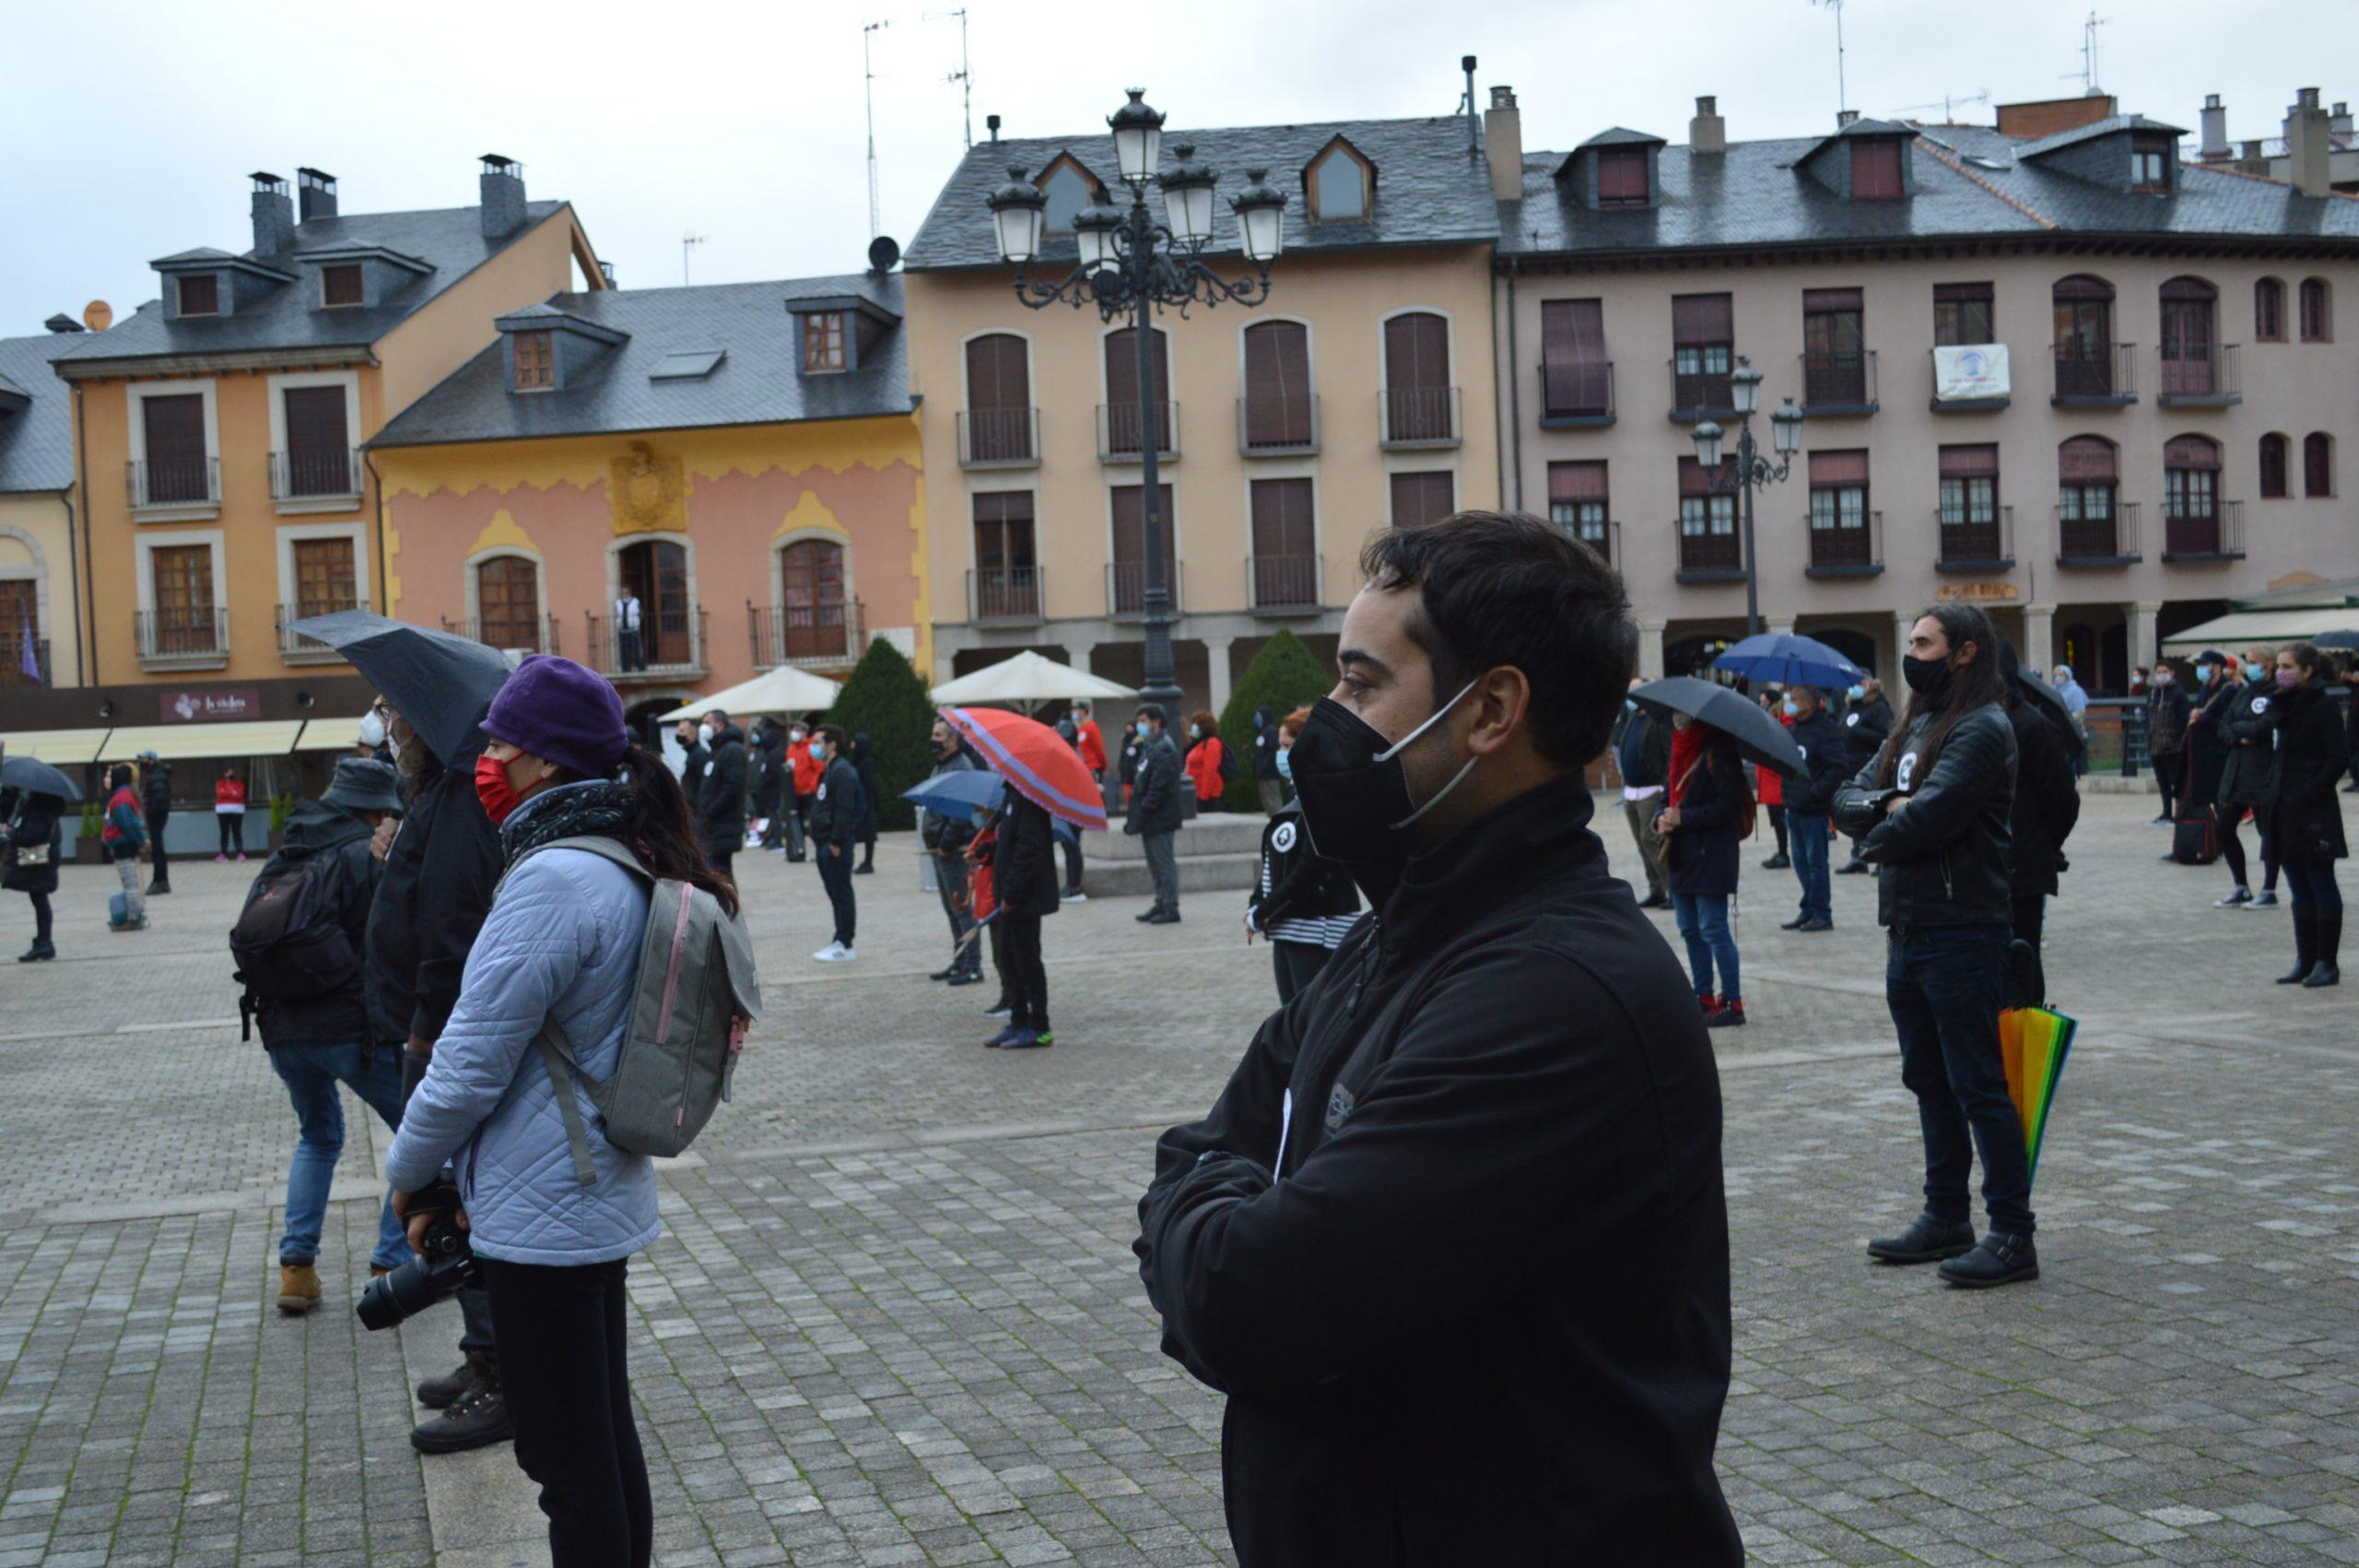 El sector de la cultura berciana activa la #alertaroja movilizándose en la plaza del Ayuntamiento de Ponferrada 12